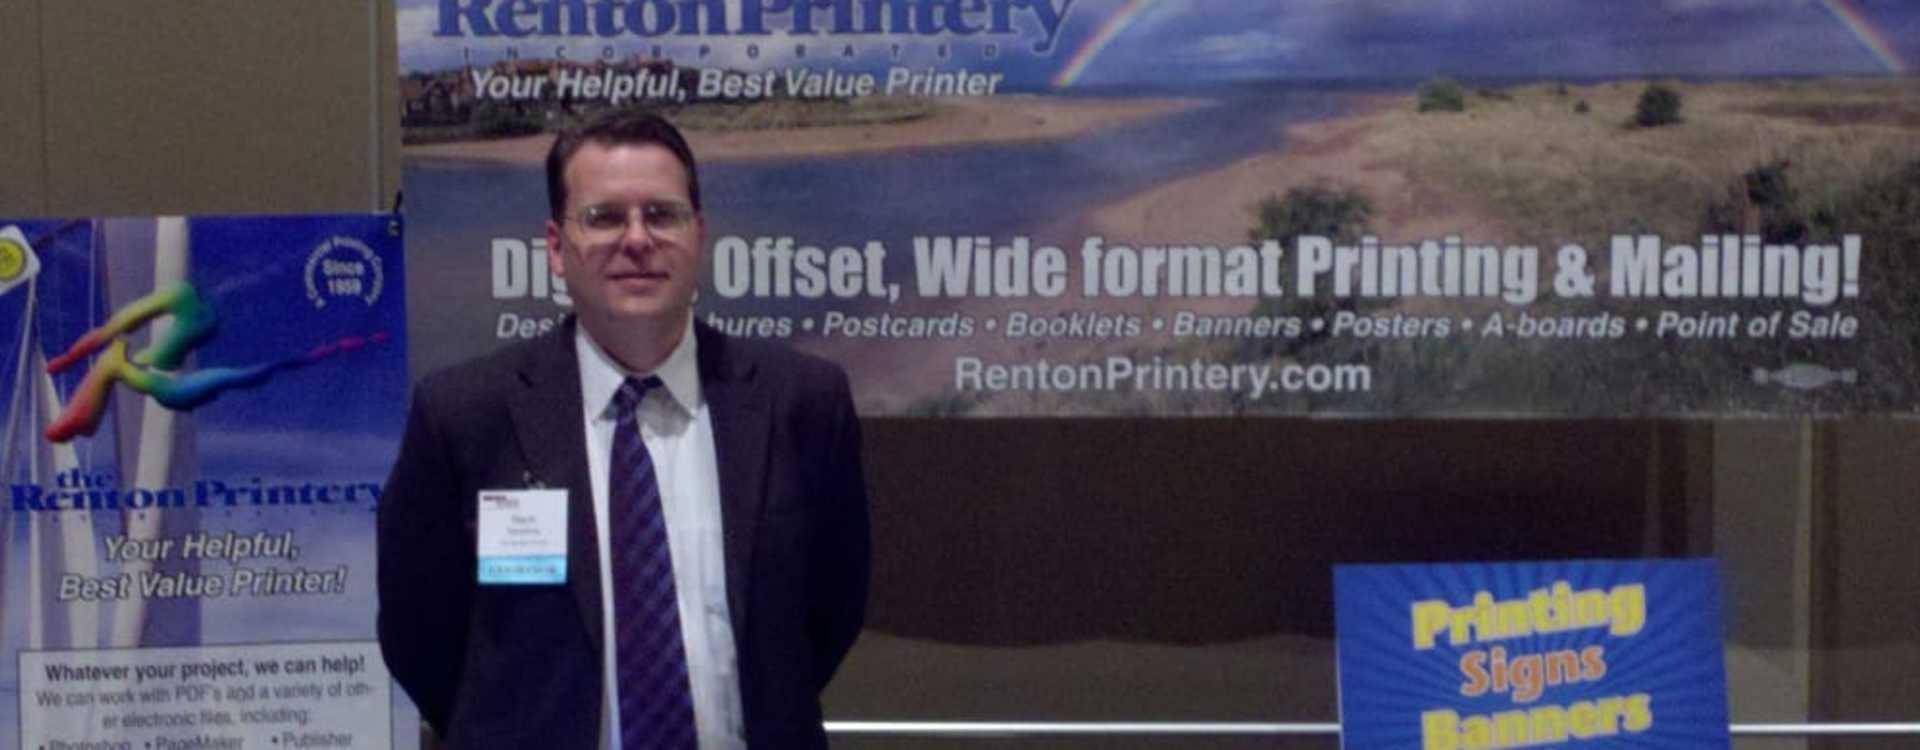 The Renton Printery